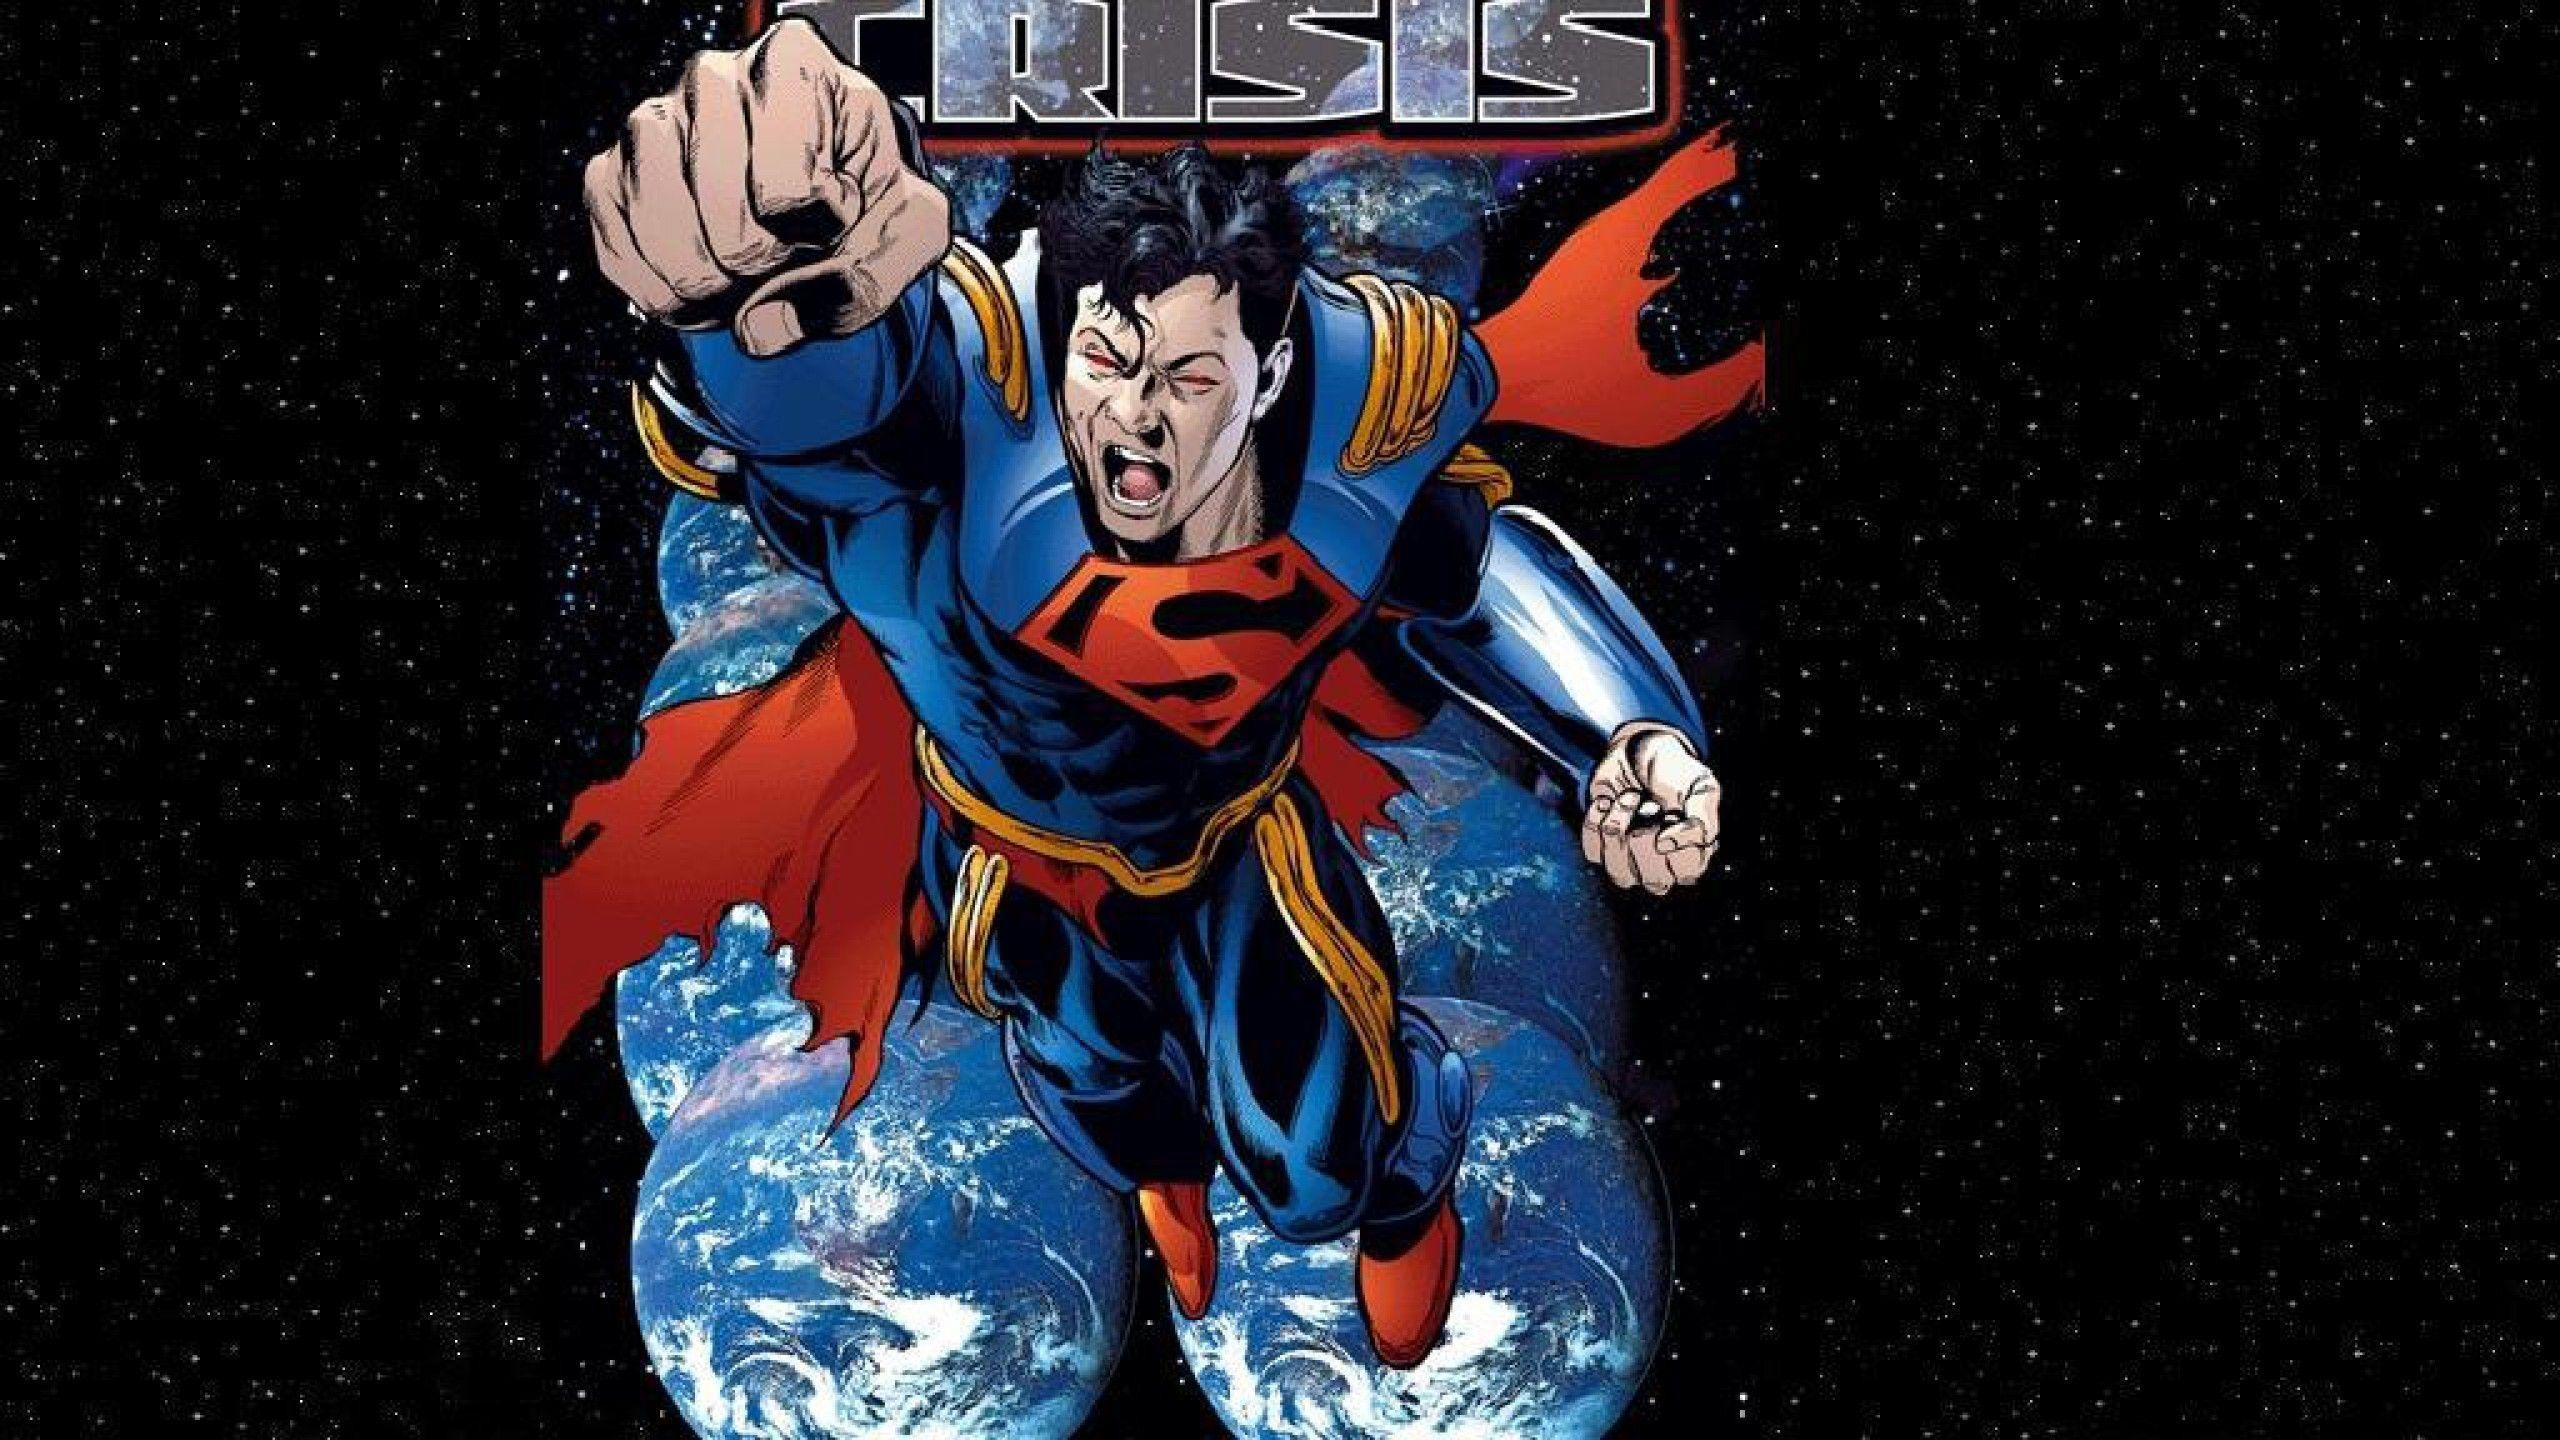 Res: 2560x1440, Superboy Prime 16656 - Superboy Prime Wallpaper